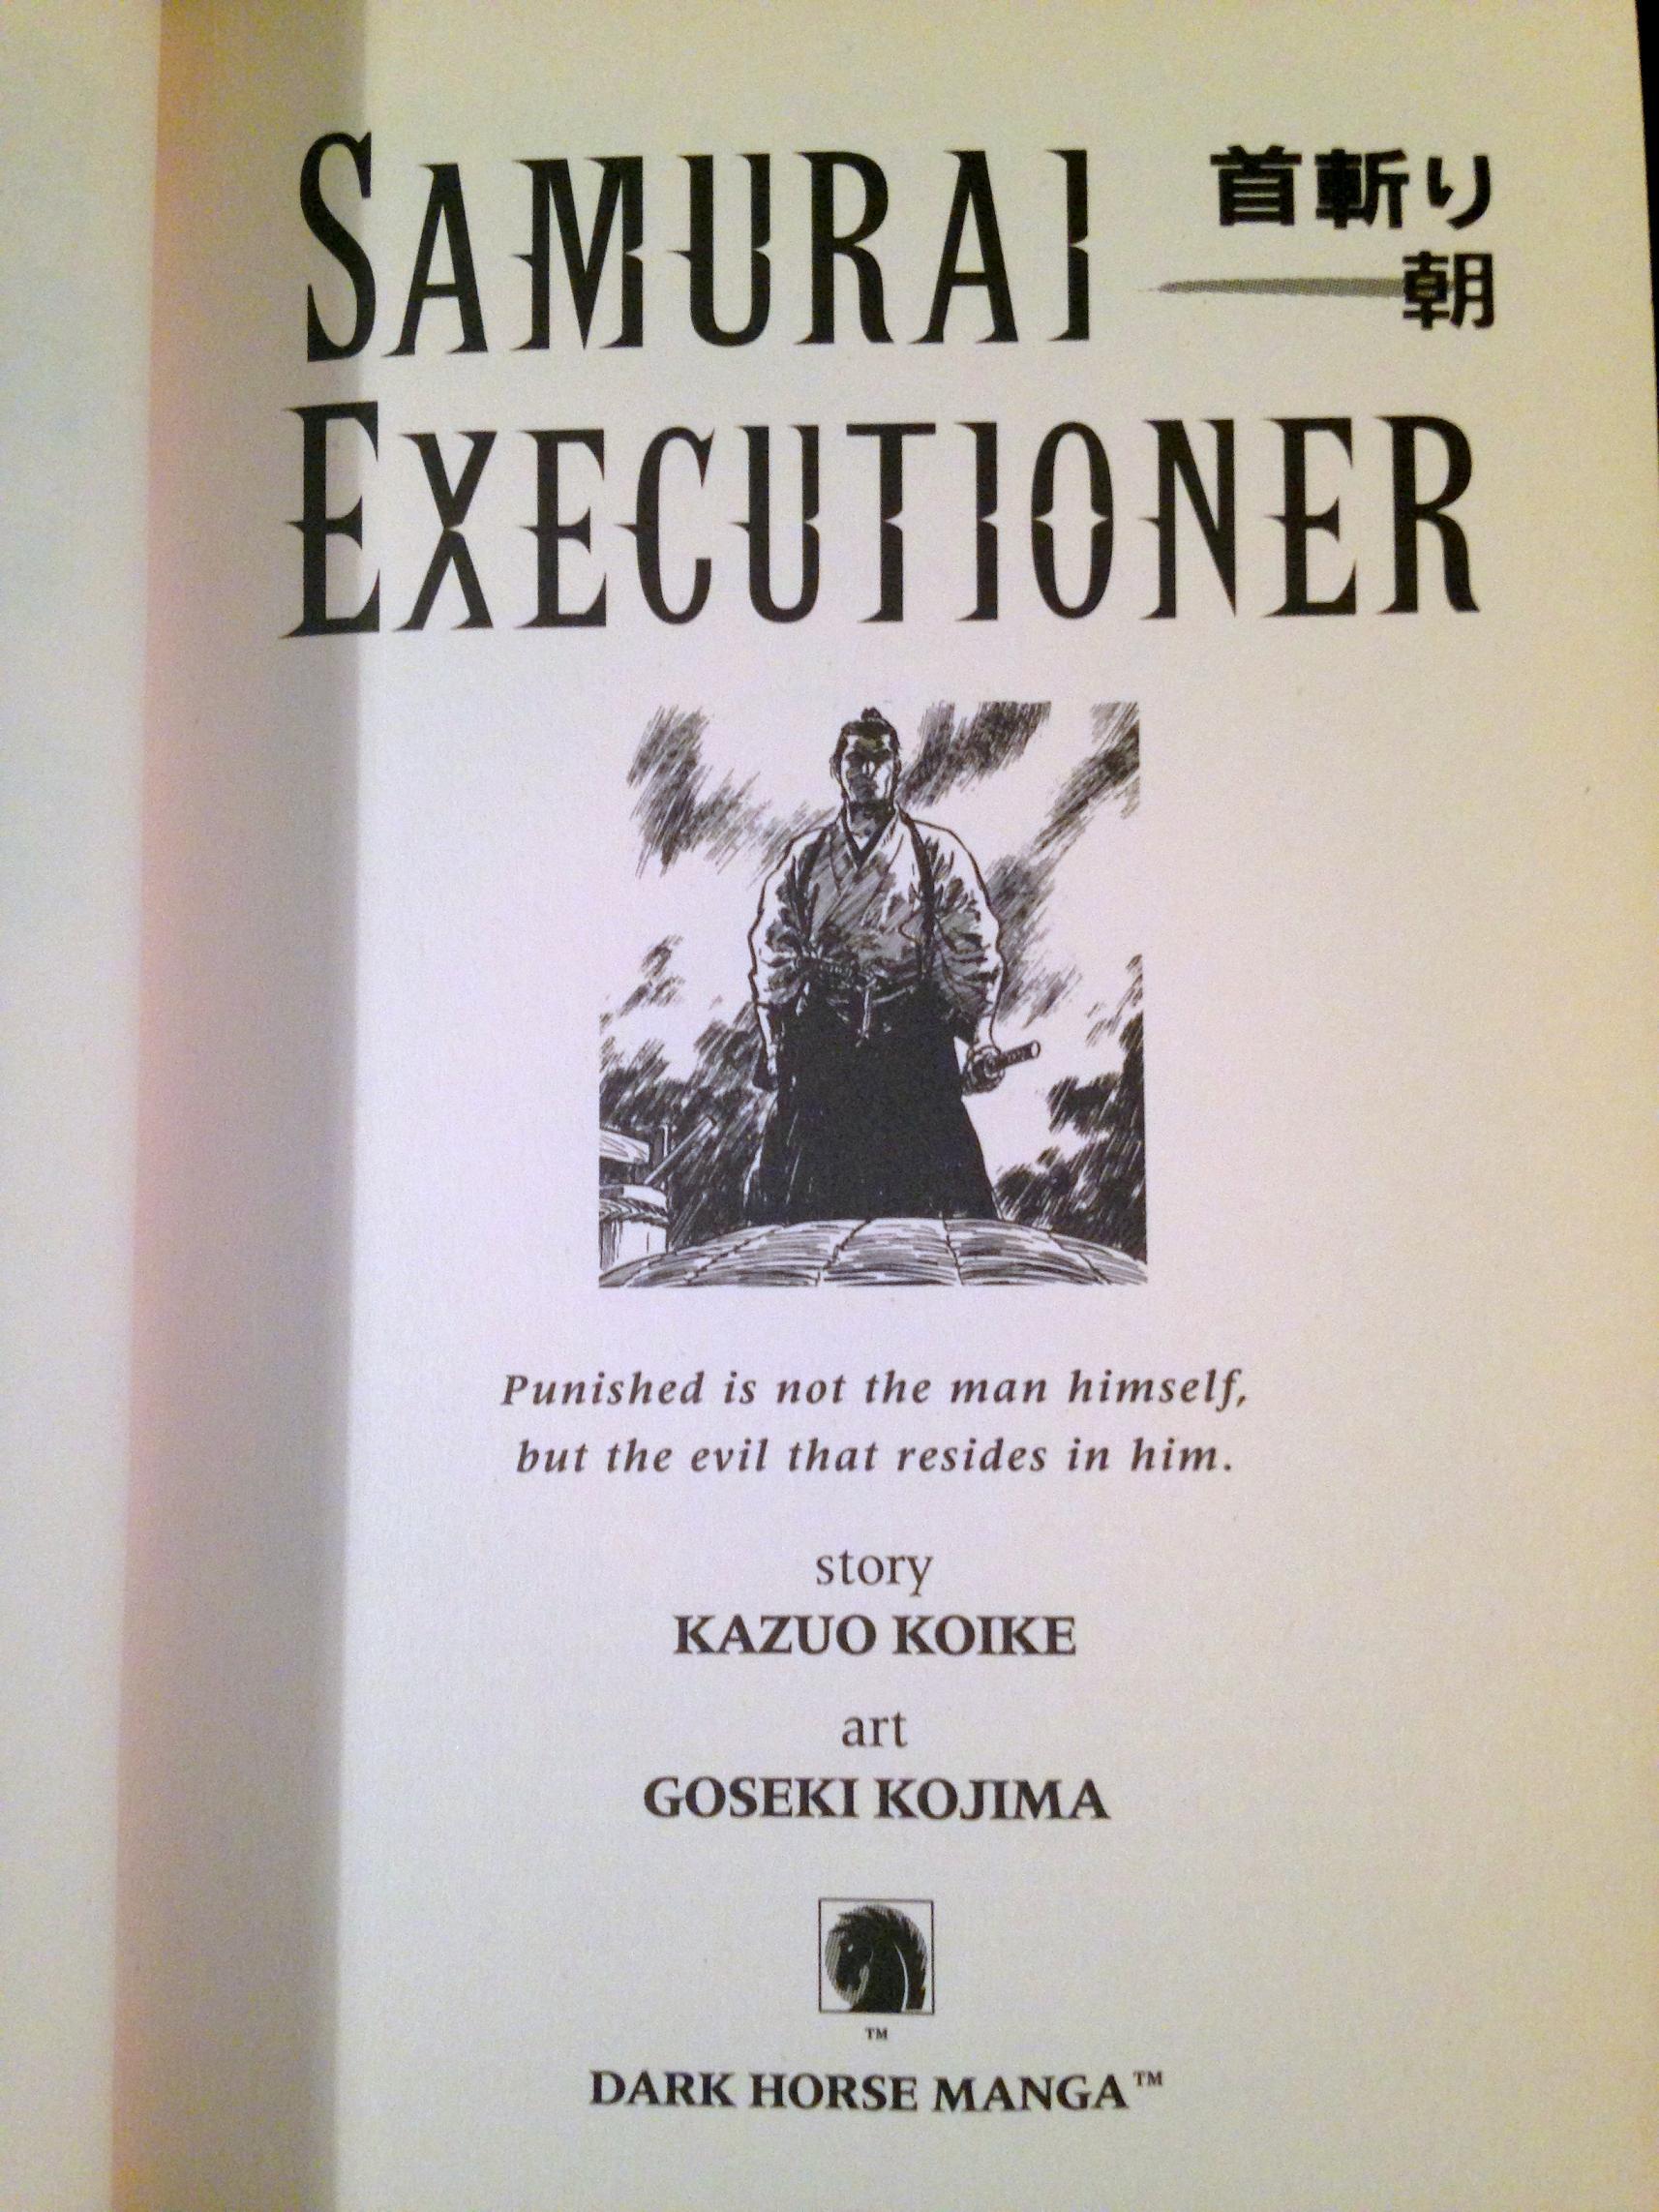 samurai executioner paperback (3)